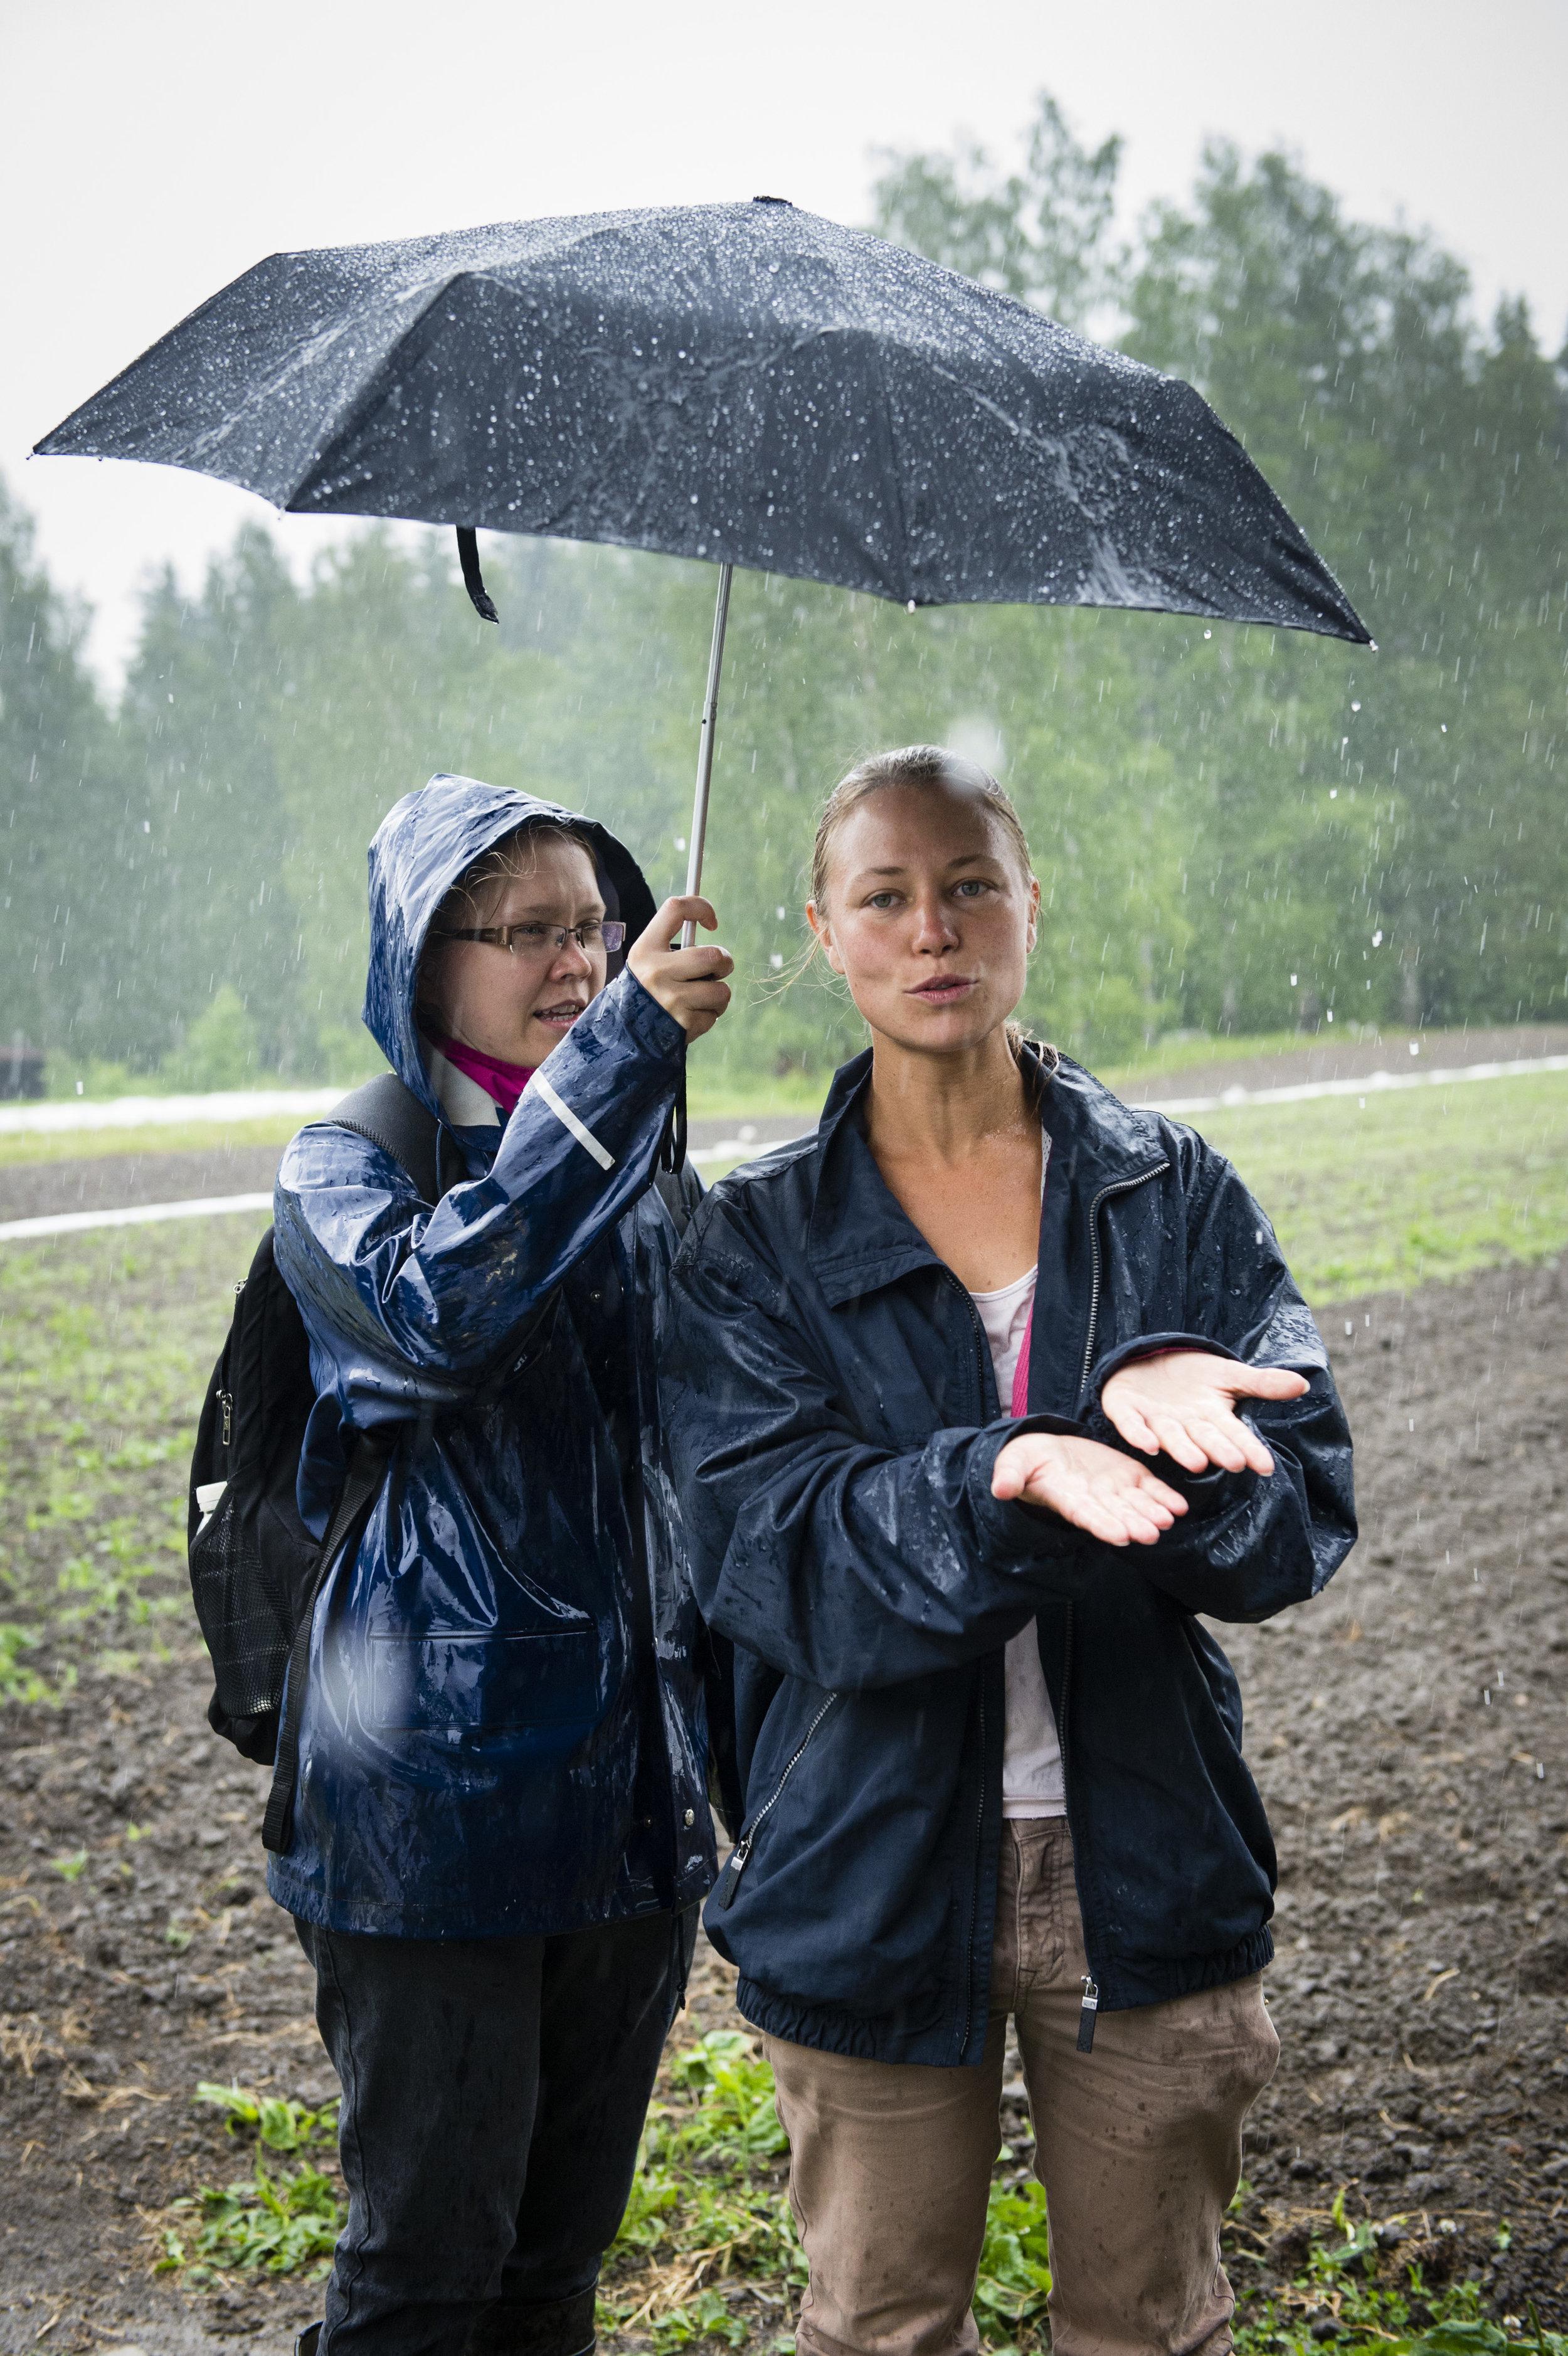 Peltokierroksen aikana hortonomi,personal farmer Heidi Hovi esitteli Kaupunkilaisten oman pellon toimintaa ja ekologista kestävyyttä. Mitä pellolla tapahtuu satokauden aikana ja miten viljelemme 3 hehtaarin peltoa ja hyötykasvipuutarhaamme. Heidi avasi biodynaamiseen viljelyyn liittyviä asioita ja korosti maanhoitamisen tärkeyttä. Pelto on Luomu ja Demeter-merkeillä sertifikoitu.